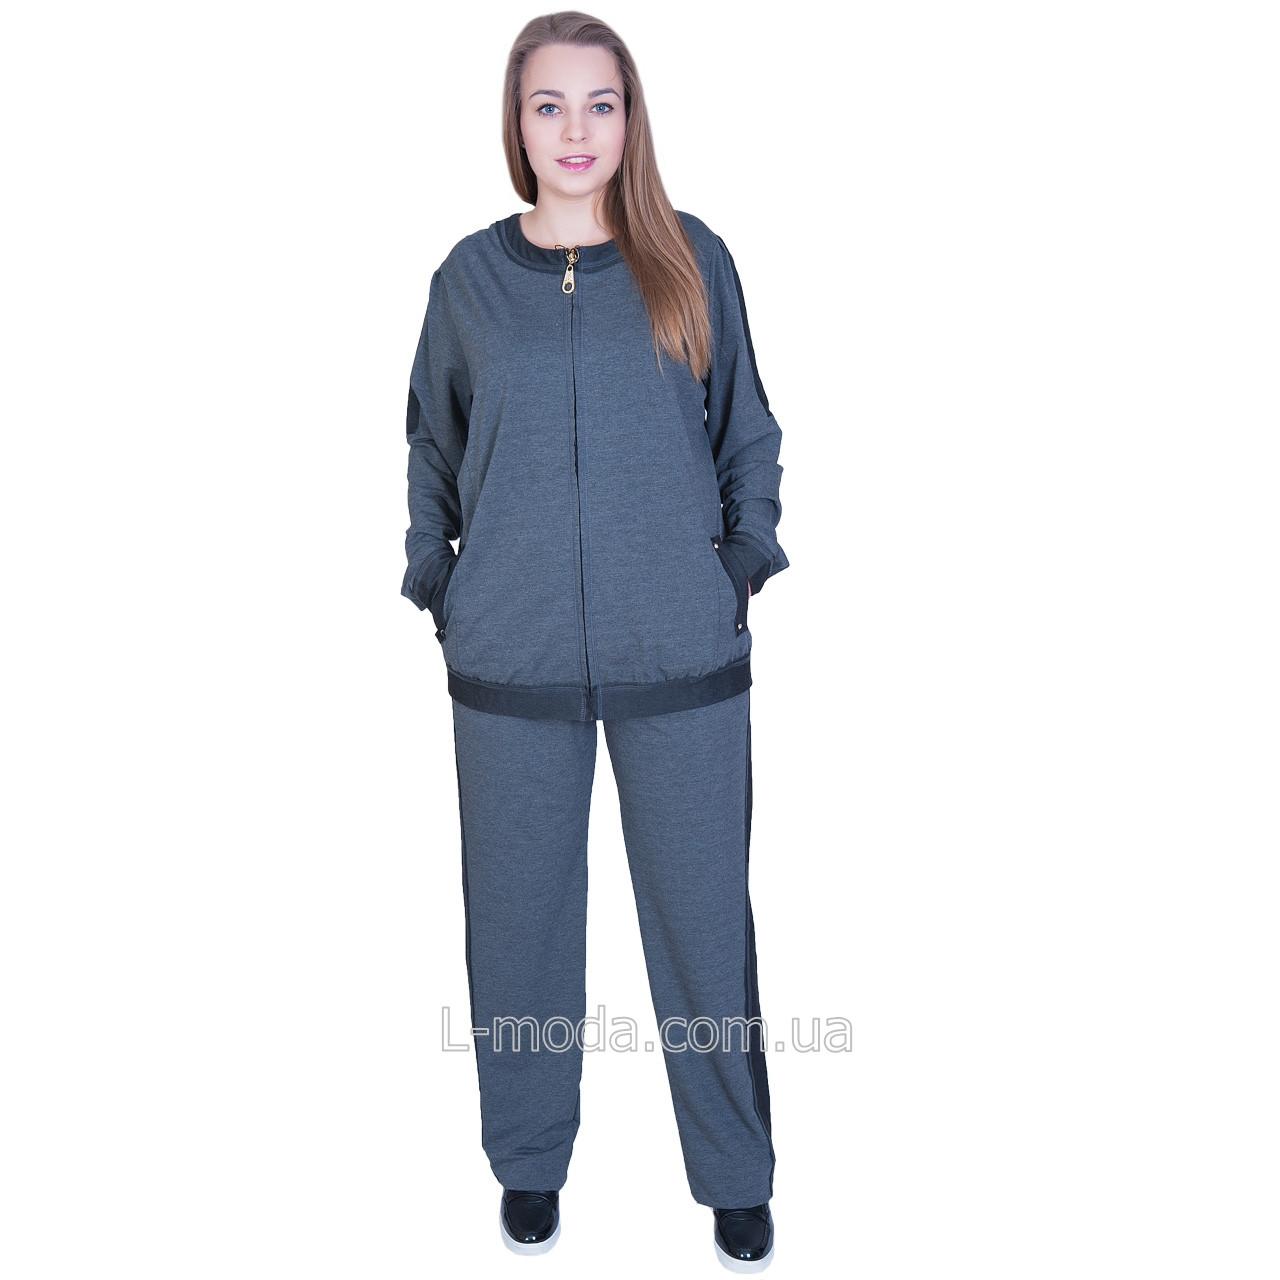 c1069cc6 Спортивный костюм женский с длинным рукавом супер батал: продажа ...